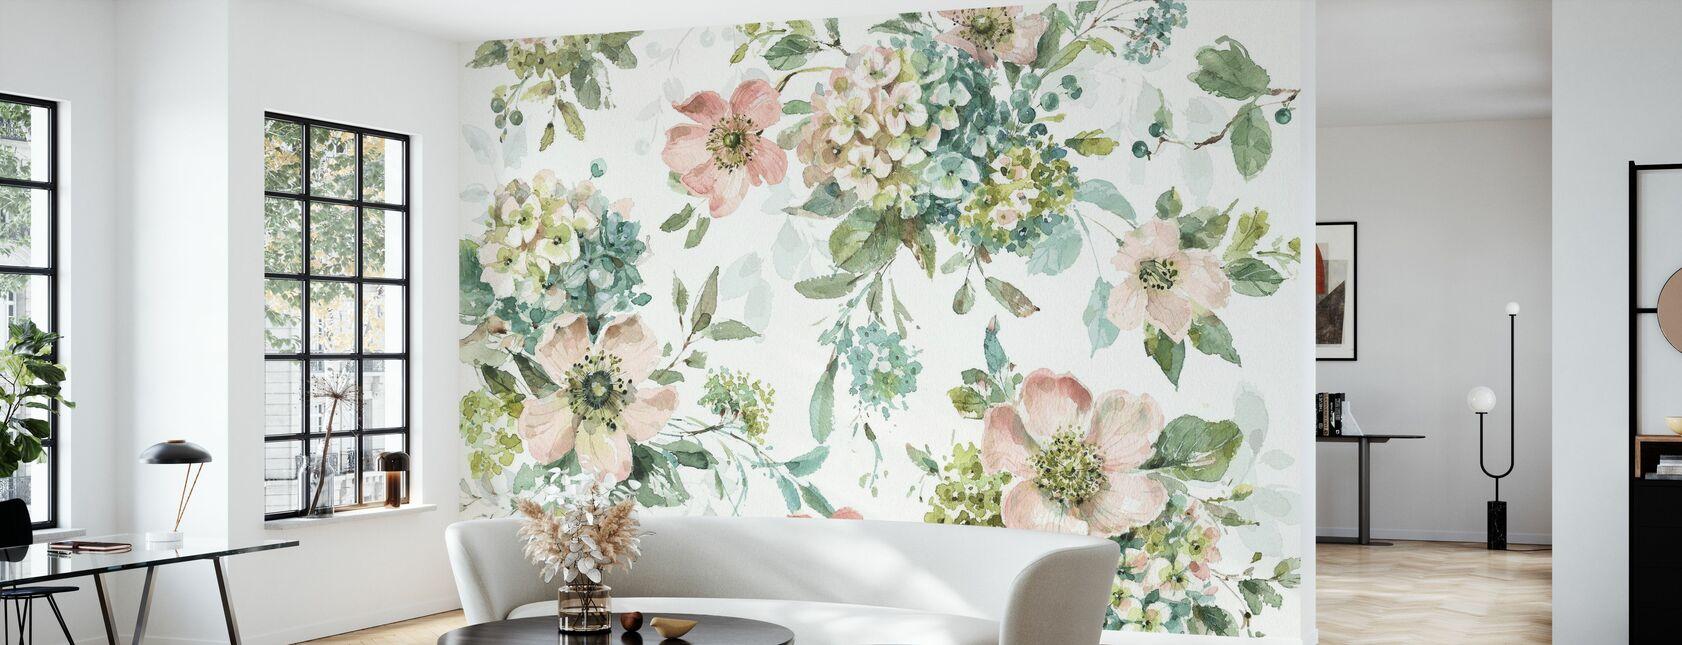 Mint Crush - White - Wallpaper - Living Room